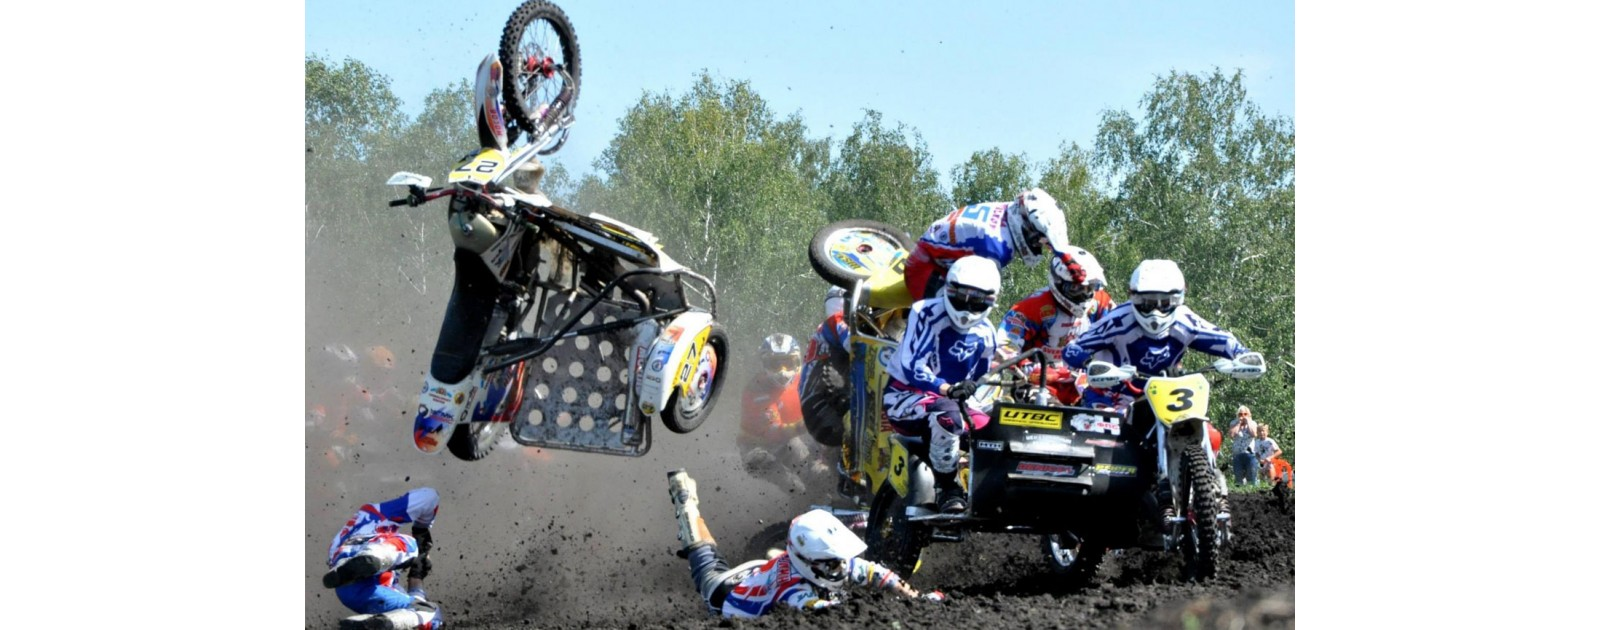 Мотокросс на Буковине, чемпион мира получил травму на старте